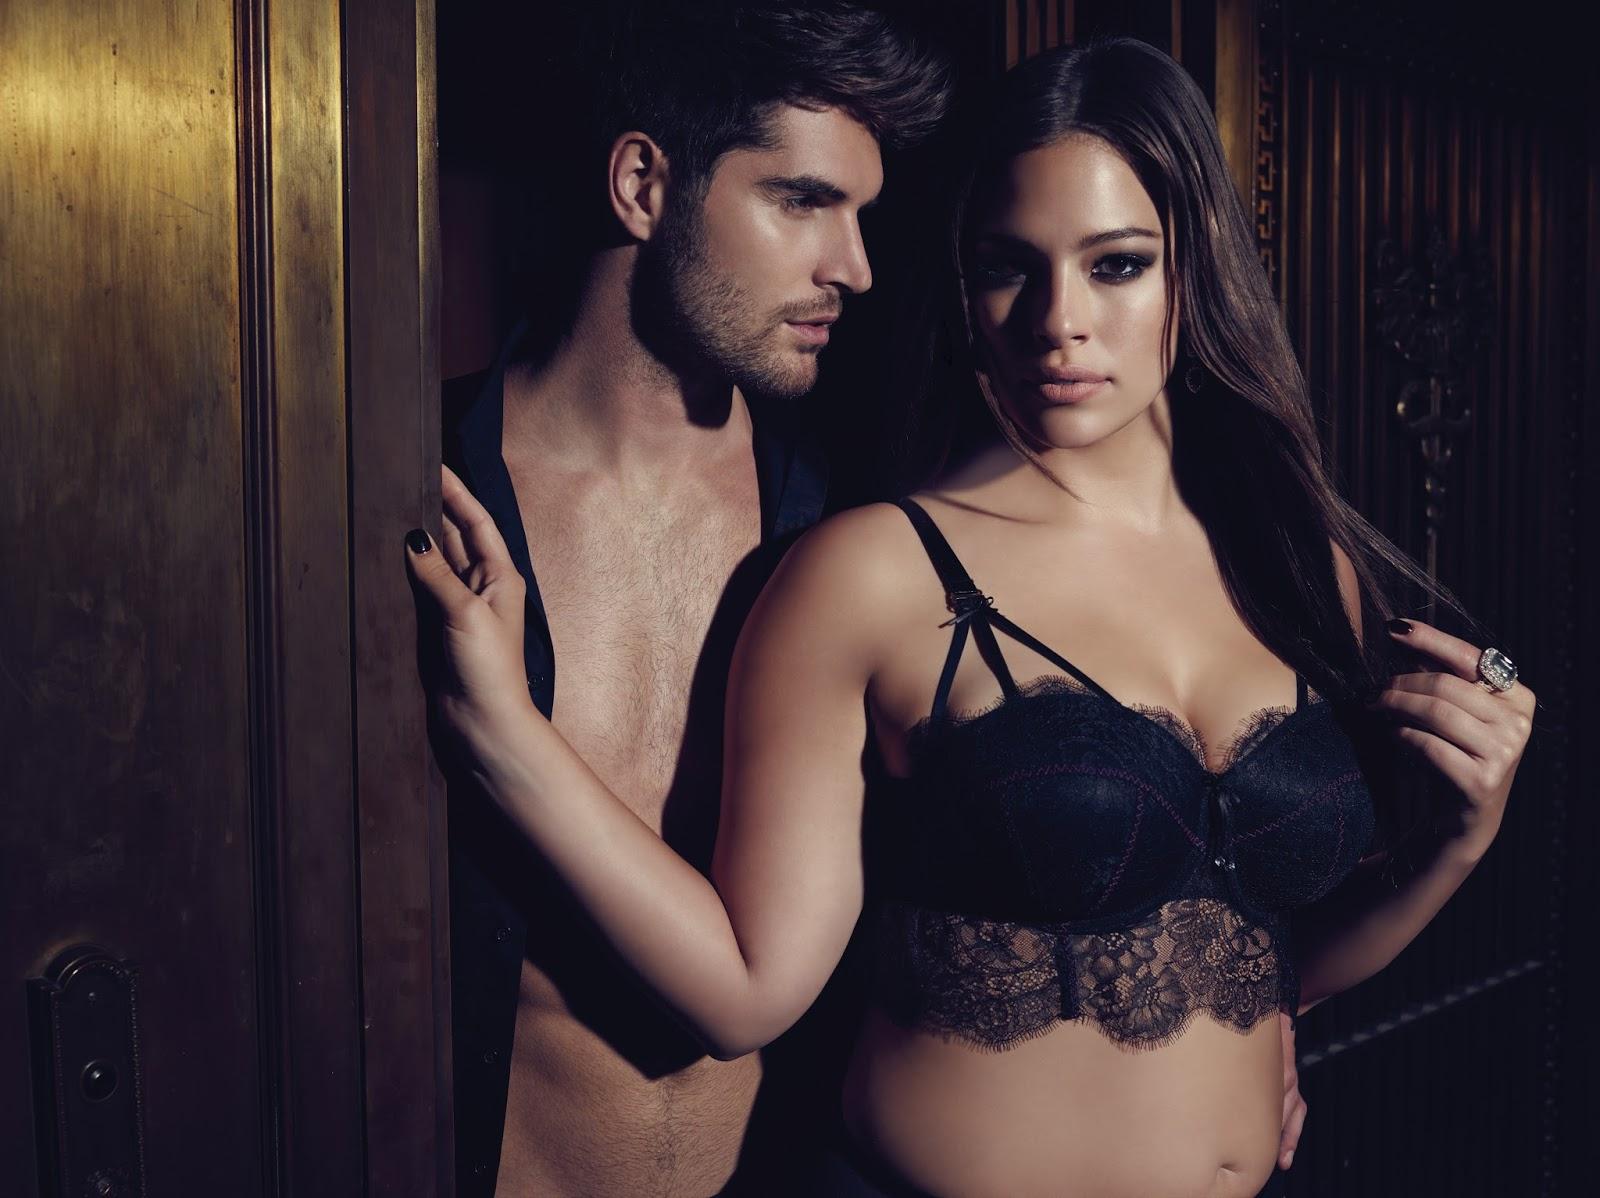 Mon France des article mince adore Femme Bref mettre en on ronde pulpeuse maigre étiquettes définition Ronde PXqBx54wB